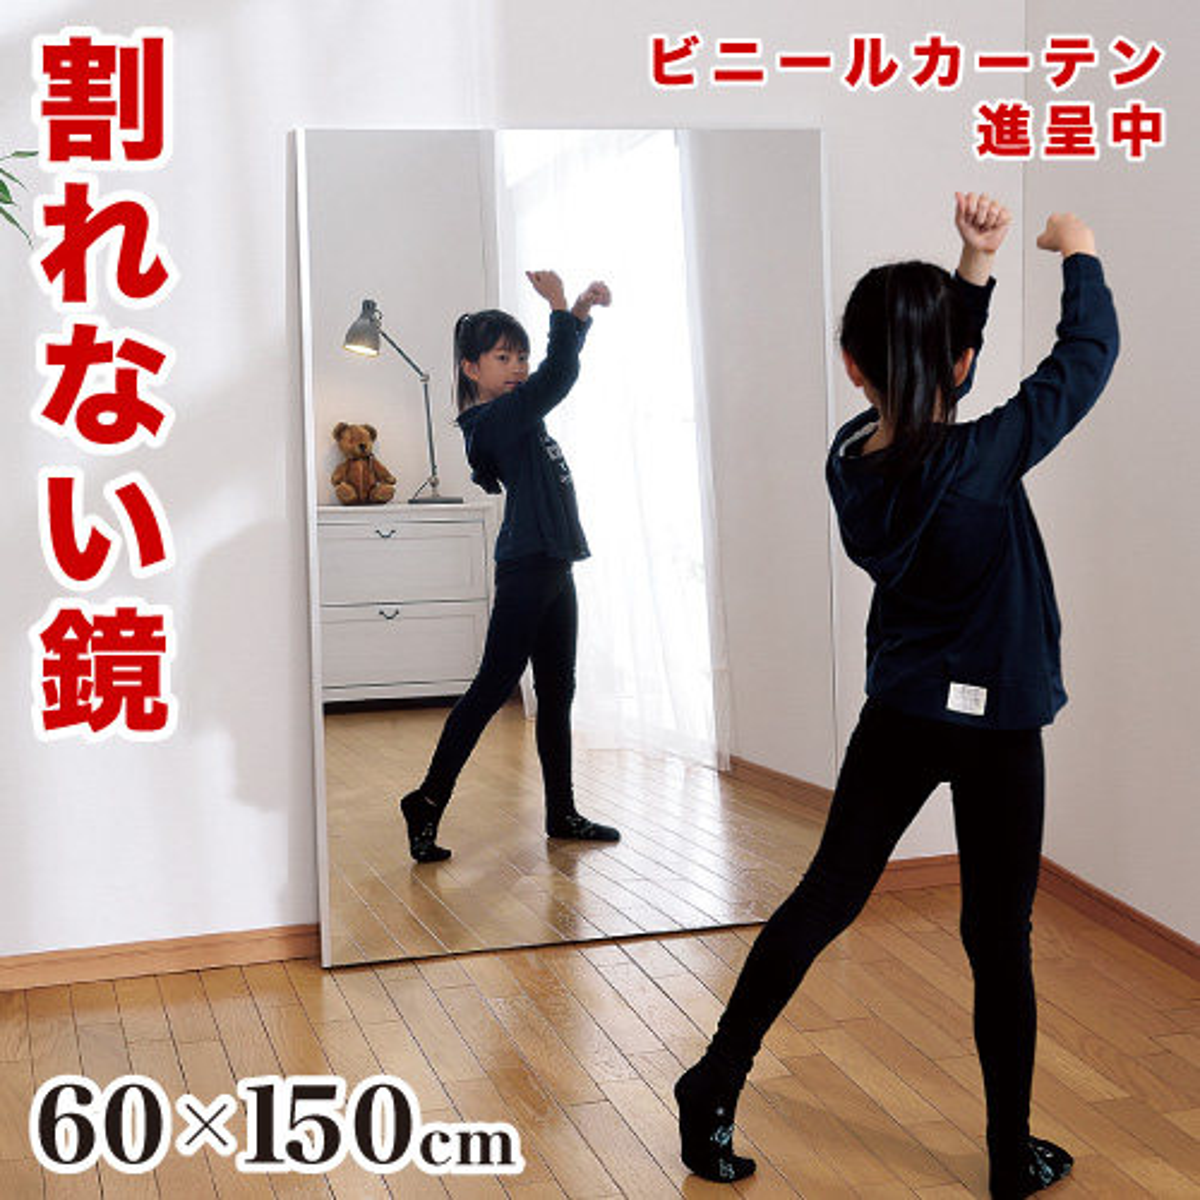 割れないミラー リフェクスミラー refex フィルム 割れない鏡 日本製 鏡 壁掛け 全身 お見舞い おしゃれ 姿見 ミラー 高反射率 ヨガ ダンス 練習 鮮明 体育館 施設 送料無料 AJF1006465 防災週間 大型 玄関 安全 幅60 60×150 RM-5 薄型 高さ150 薄い ロング お買い得品 国産 幅60cm 防災の日 軽い ワイド 吊り式 軽量 みだしなみ 組立不要